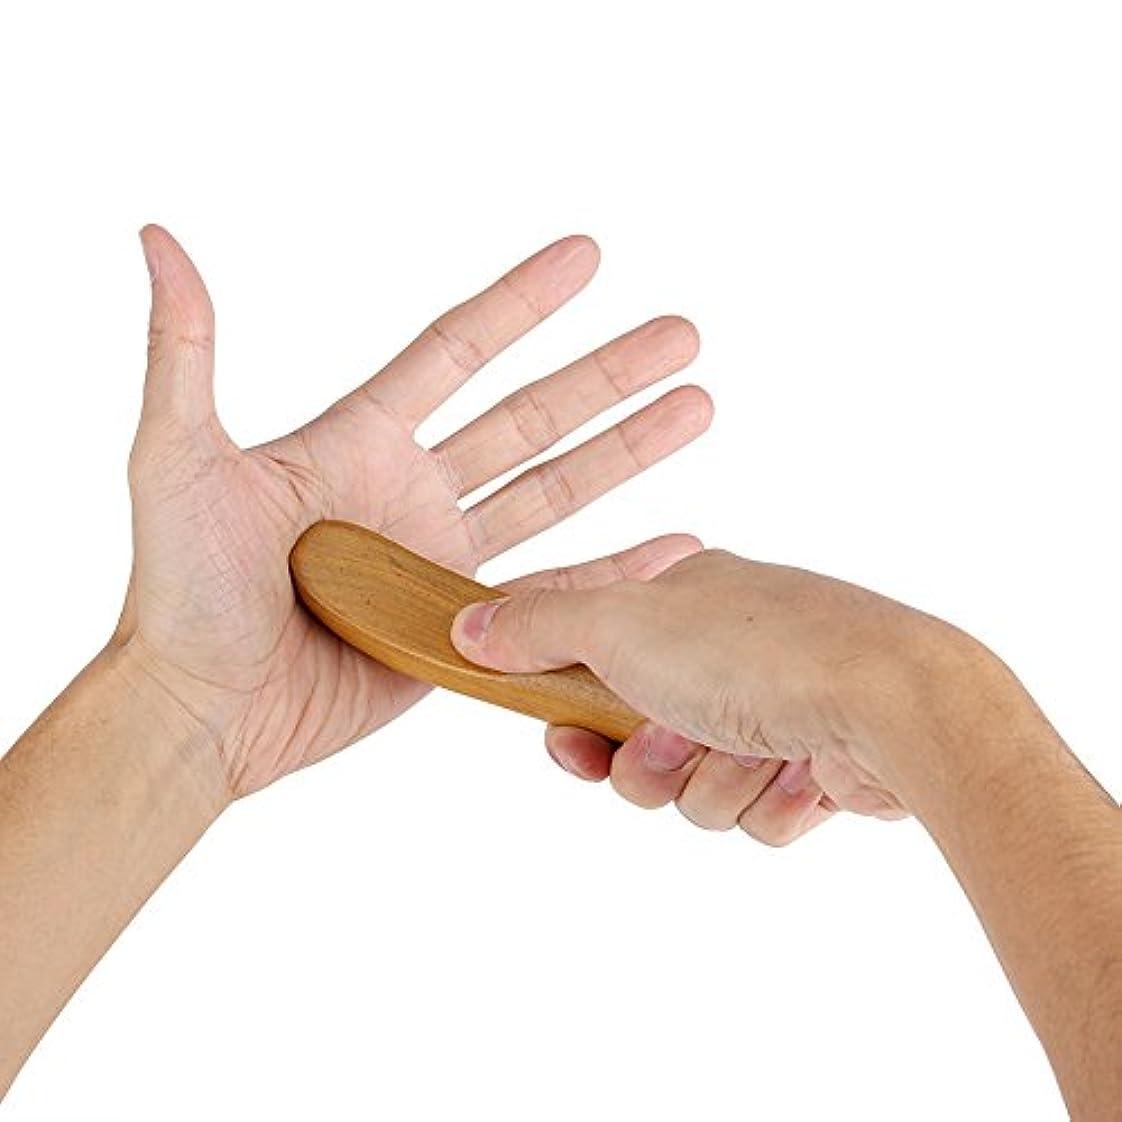 レーニン主義イタリアの胚香りのよい木指圧ポイント子午線掻き寄せスティックミニフィンガーバックボディマッサージャー